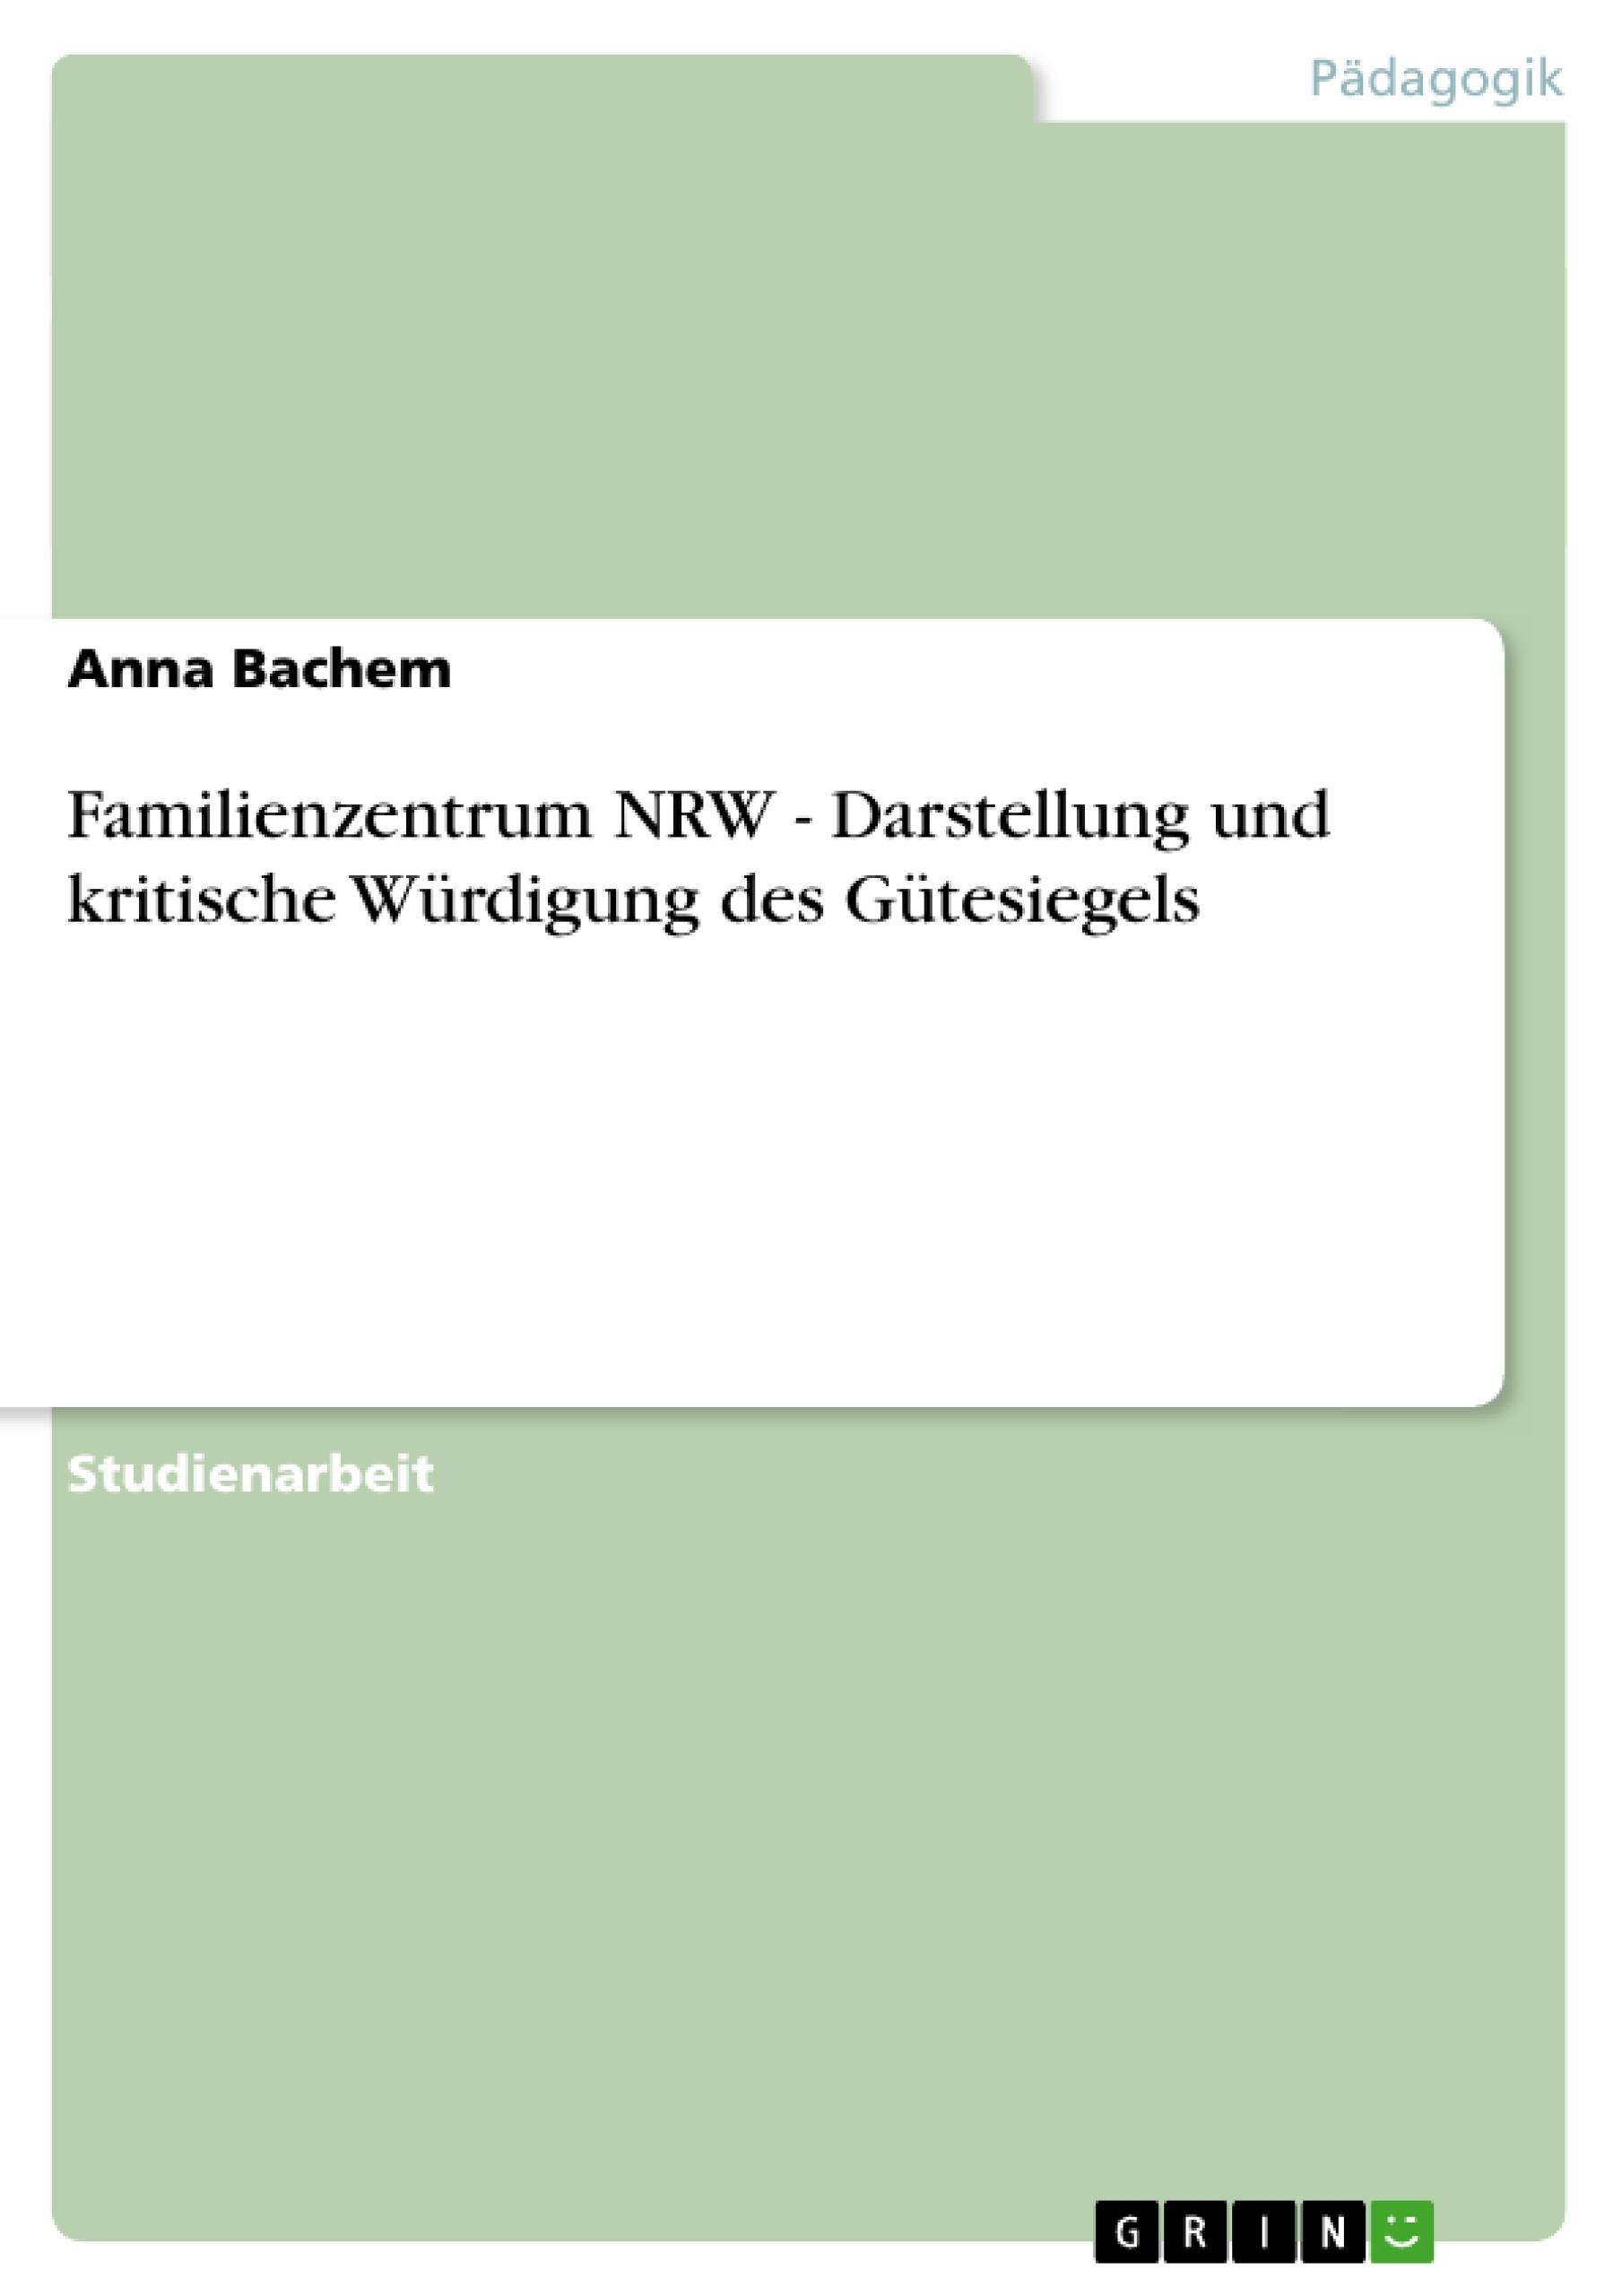 Titel: Familienzentrum NRW - Darstellung und kritische Würdigung des Gütesiegels